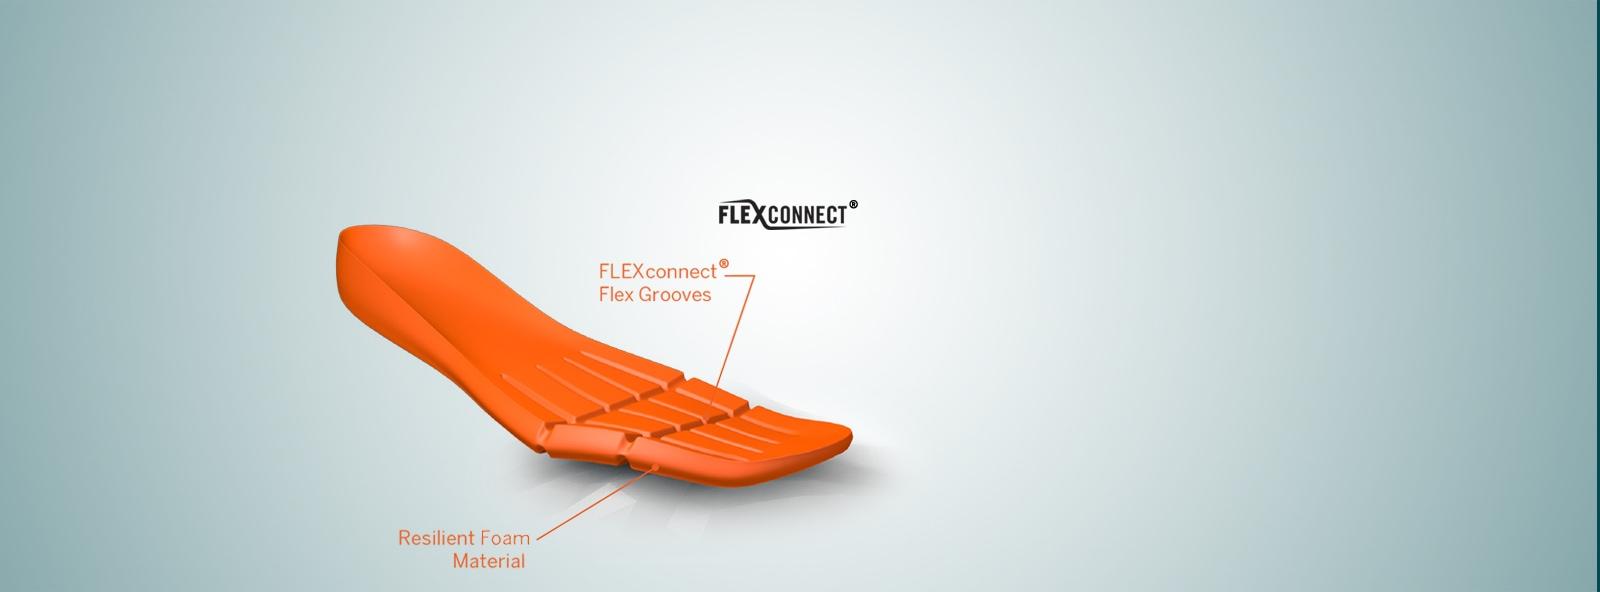 FLEXconnect® Insole